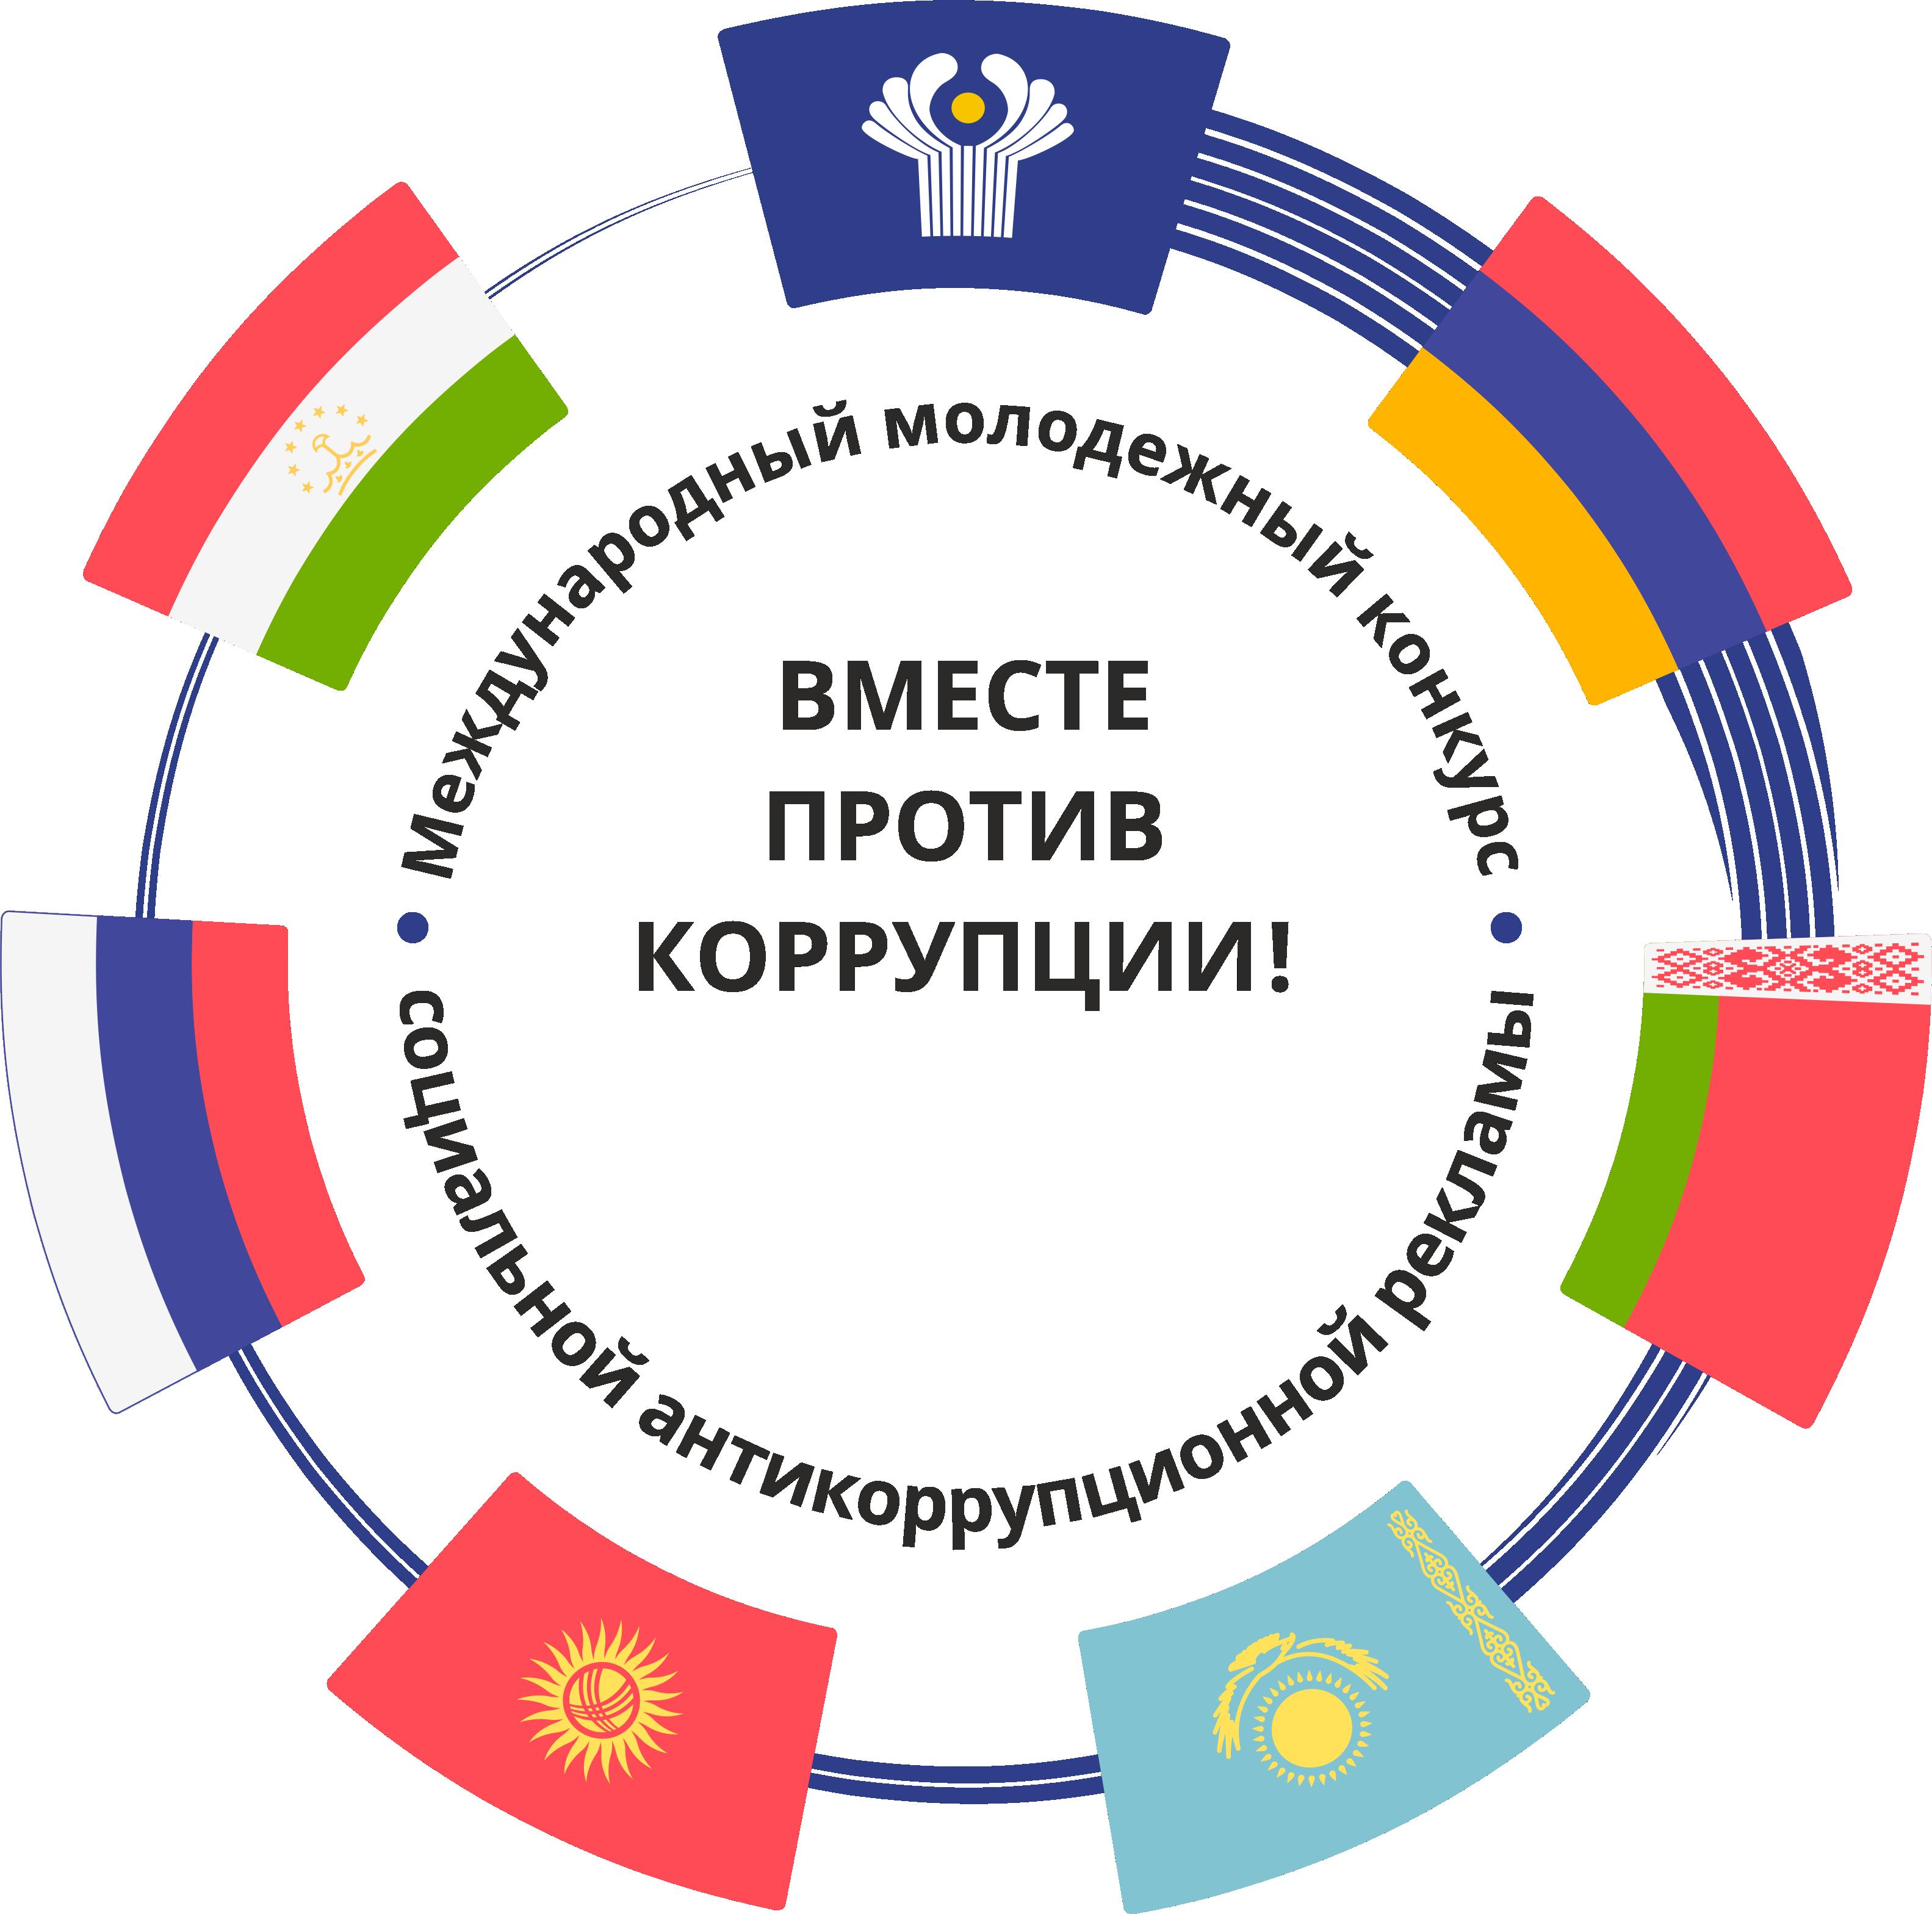 Вместе против коррупции! - работы международного конкурса социальной рекламы.